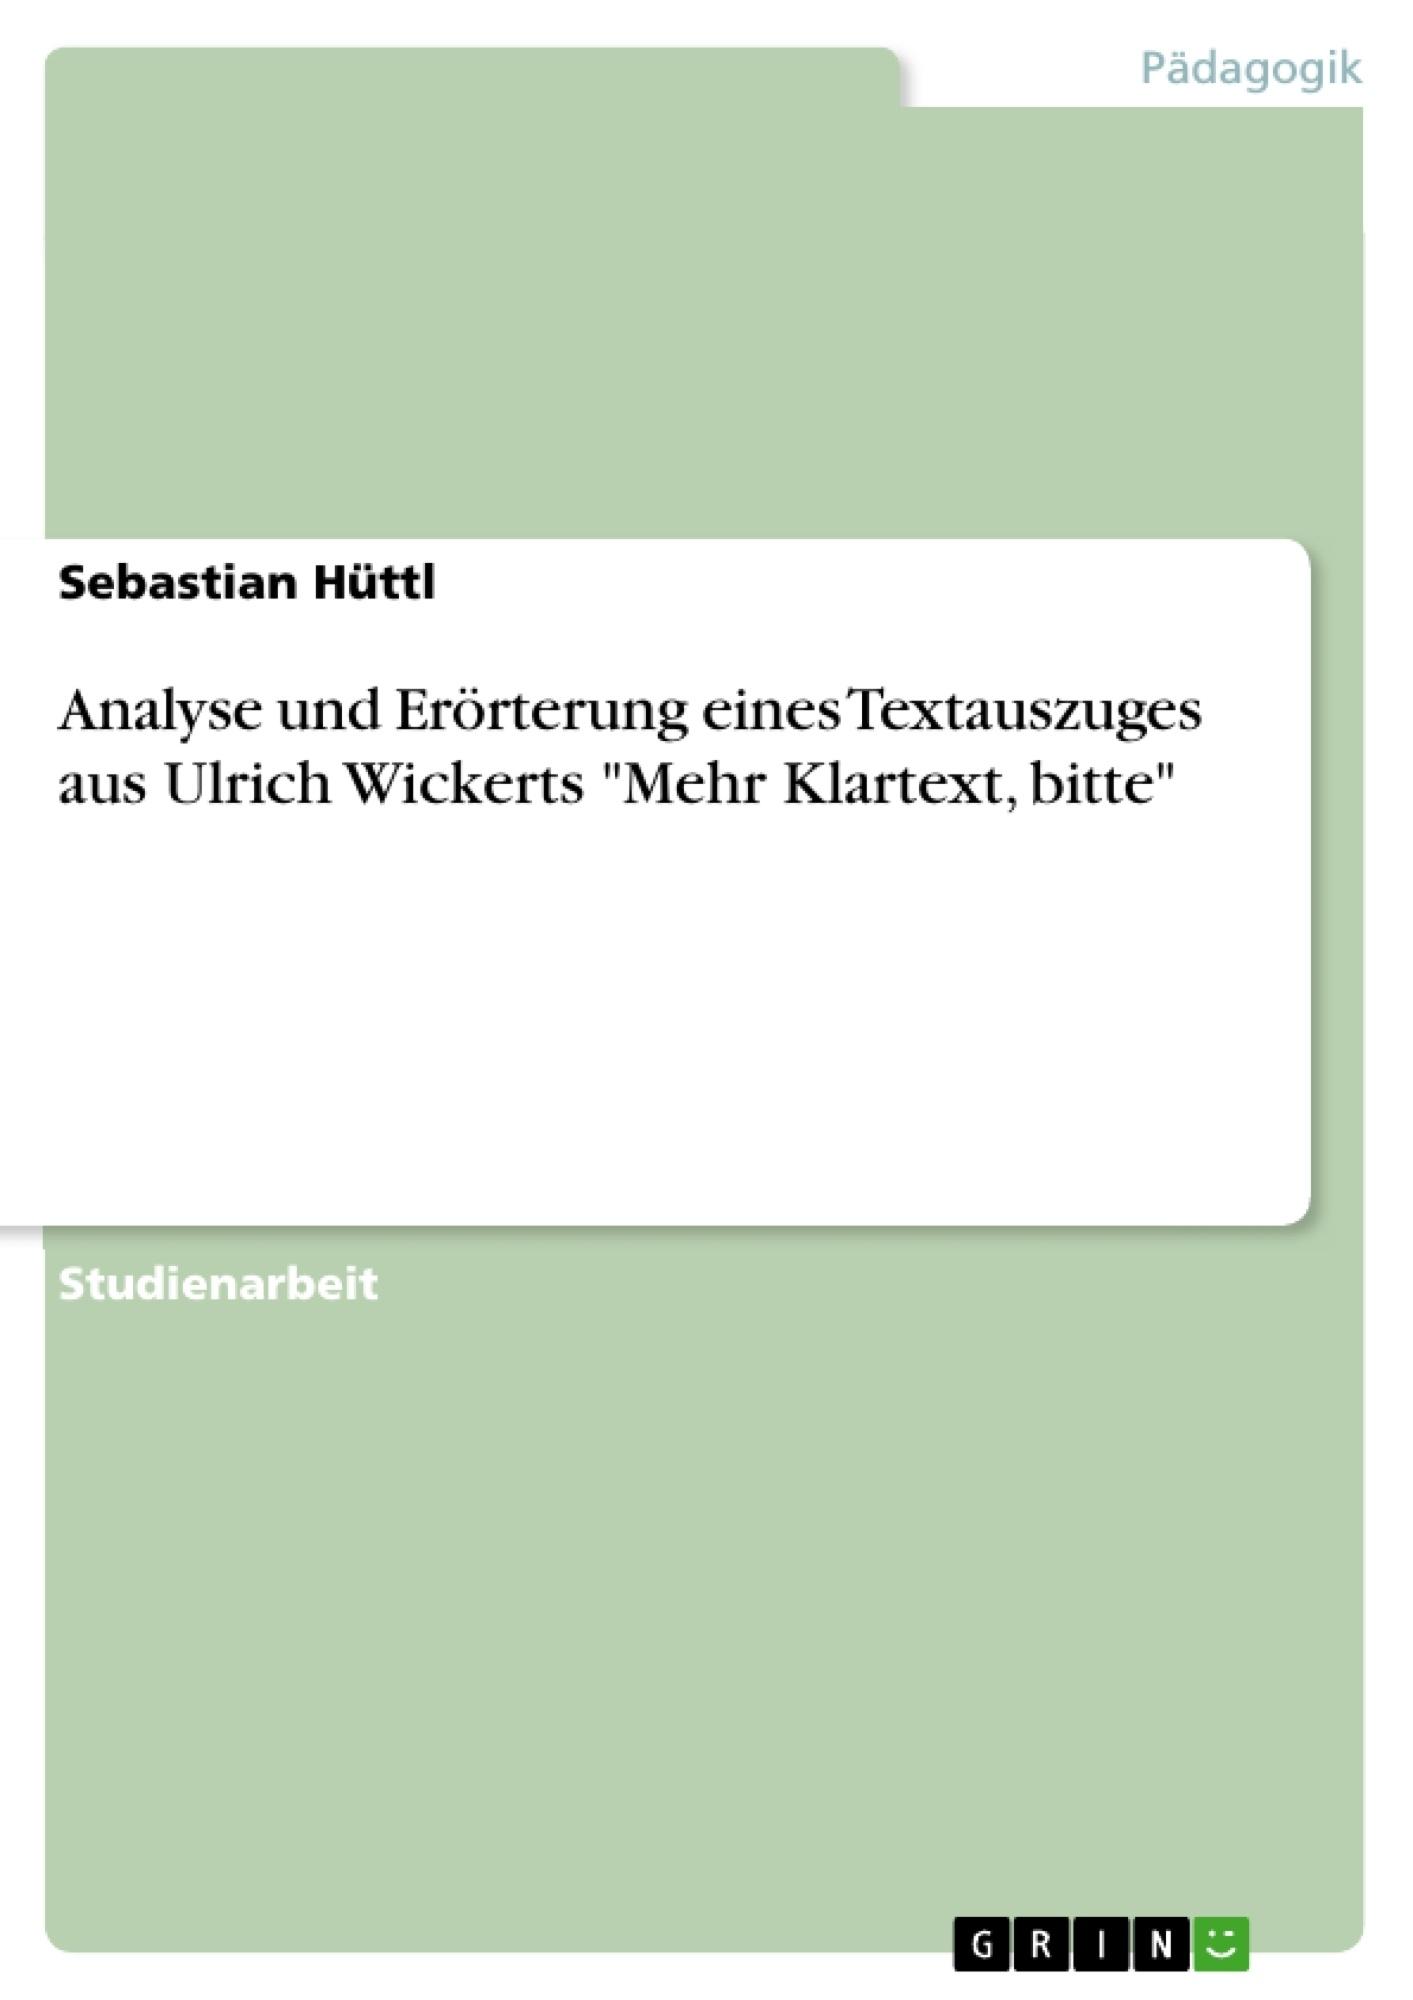 """Titel: Analyse und Erörterung eines Textauszuges aus Ulrich Wickerts """"Mehr Klartext, bitte"""""""